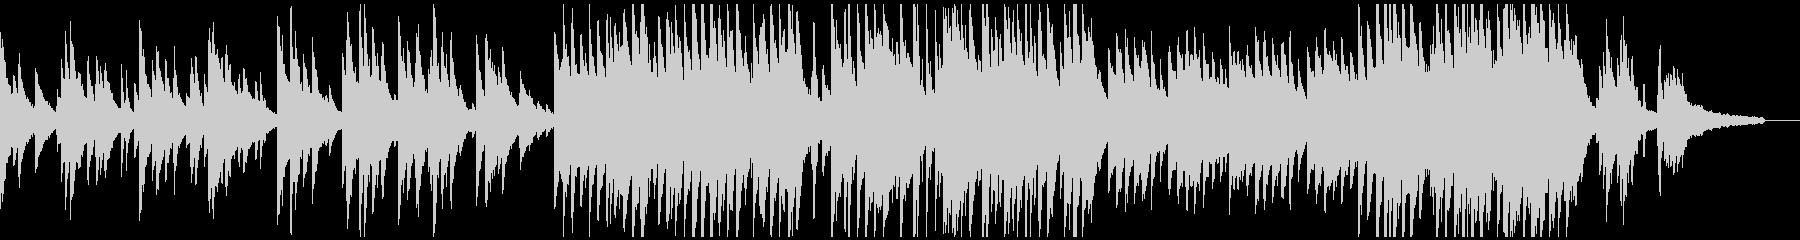 感動シーン優しく包むようなピアノバラードの未再生の波形